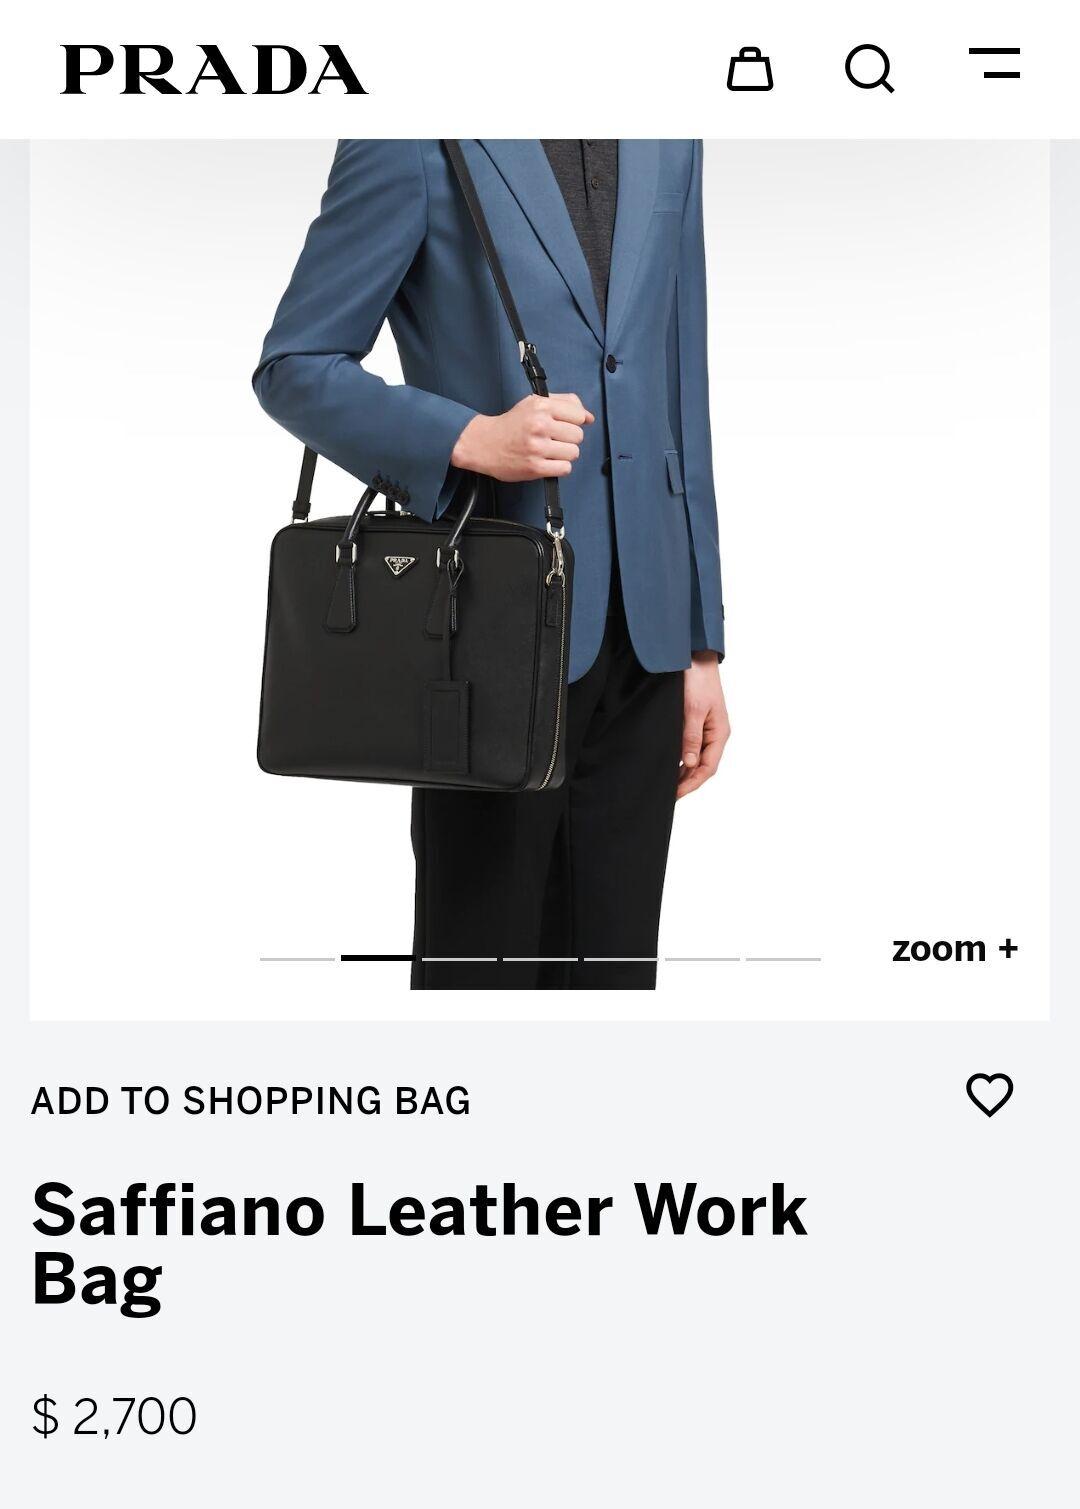 Скрин сайта Prada